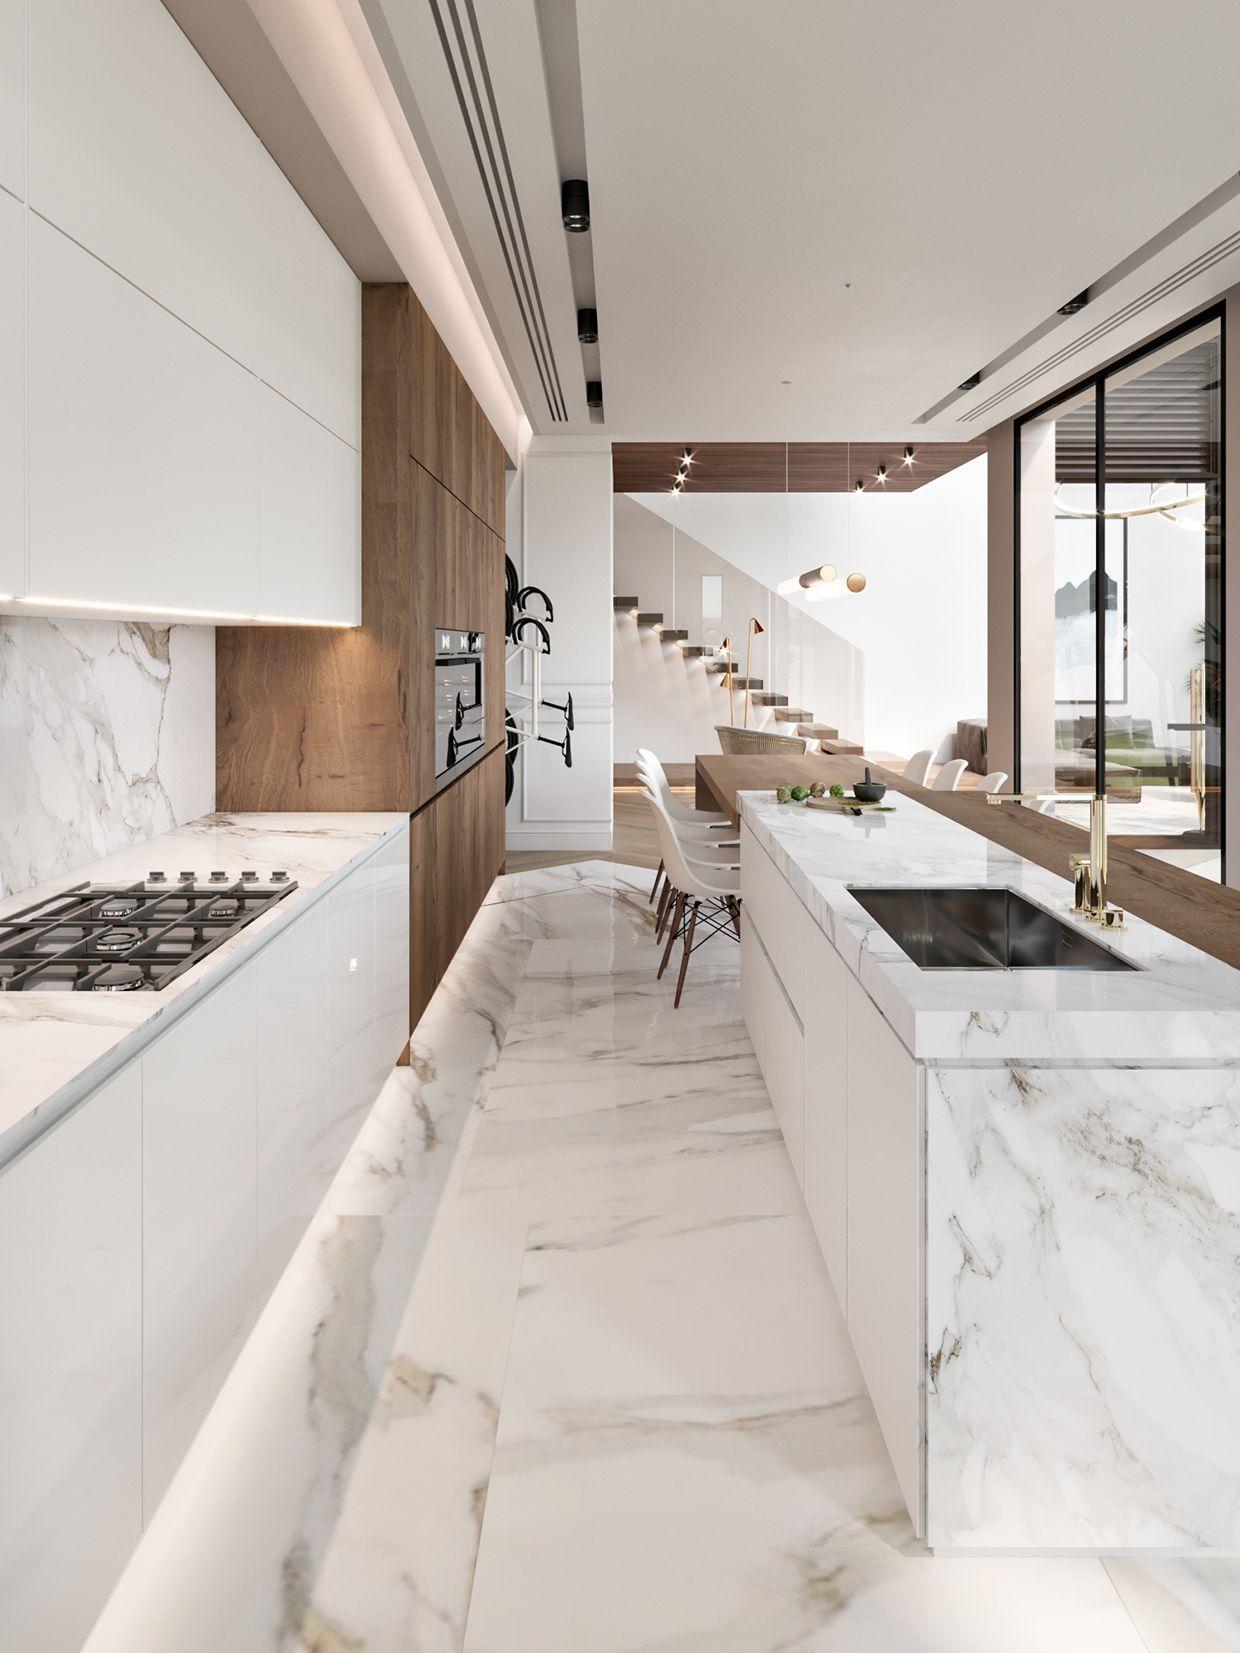 30b18563439997 5ab0f69a30feb Jpg 1240 1653 Vintageminimalistdecor Luxury Kitchen Design Modern Kitchen Design Interior Design Kitchen